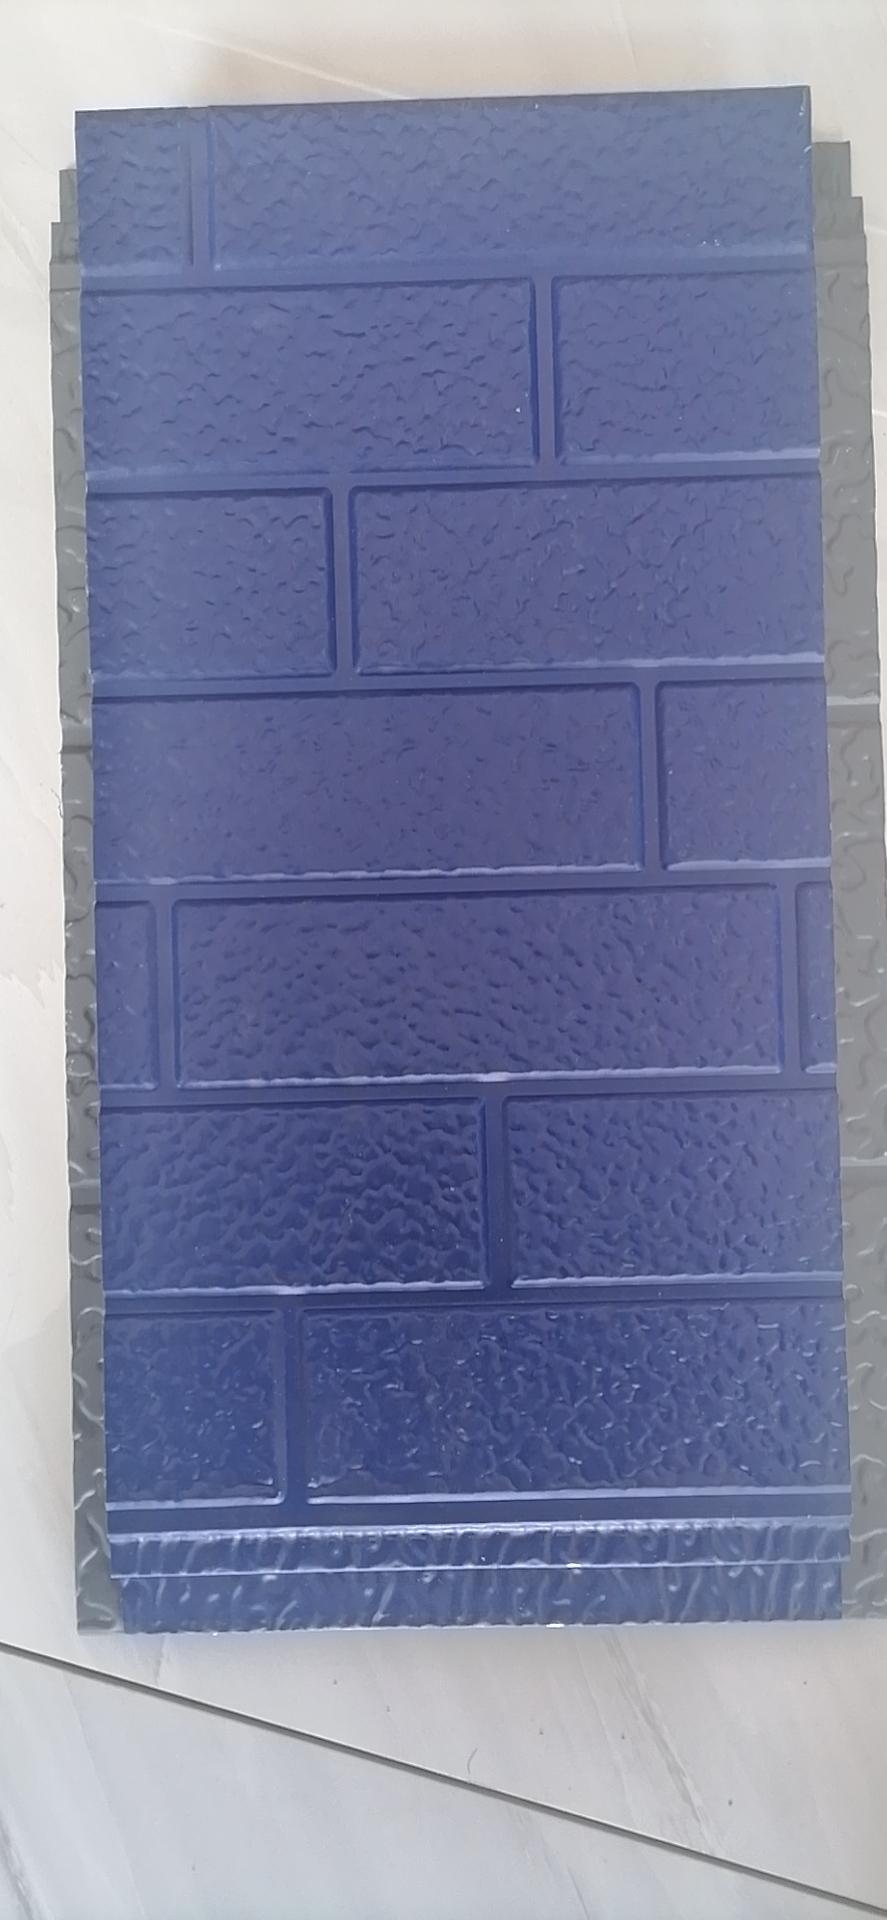 警兰七砖弹涂雕花板